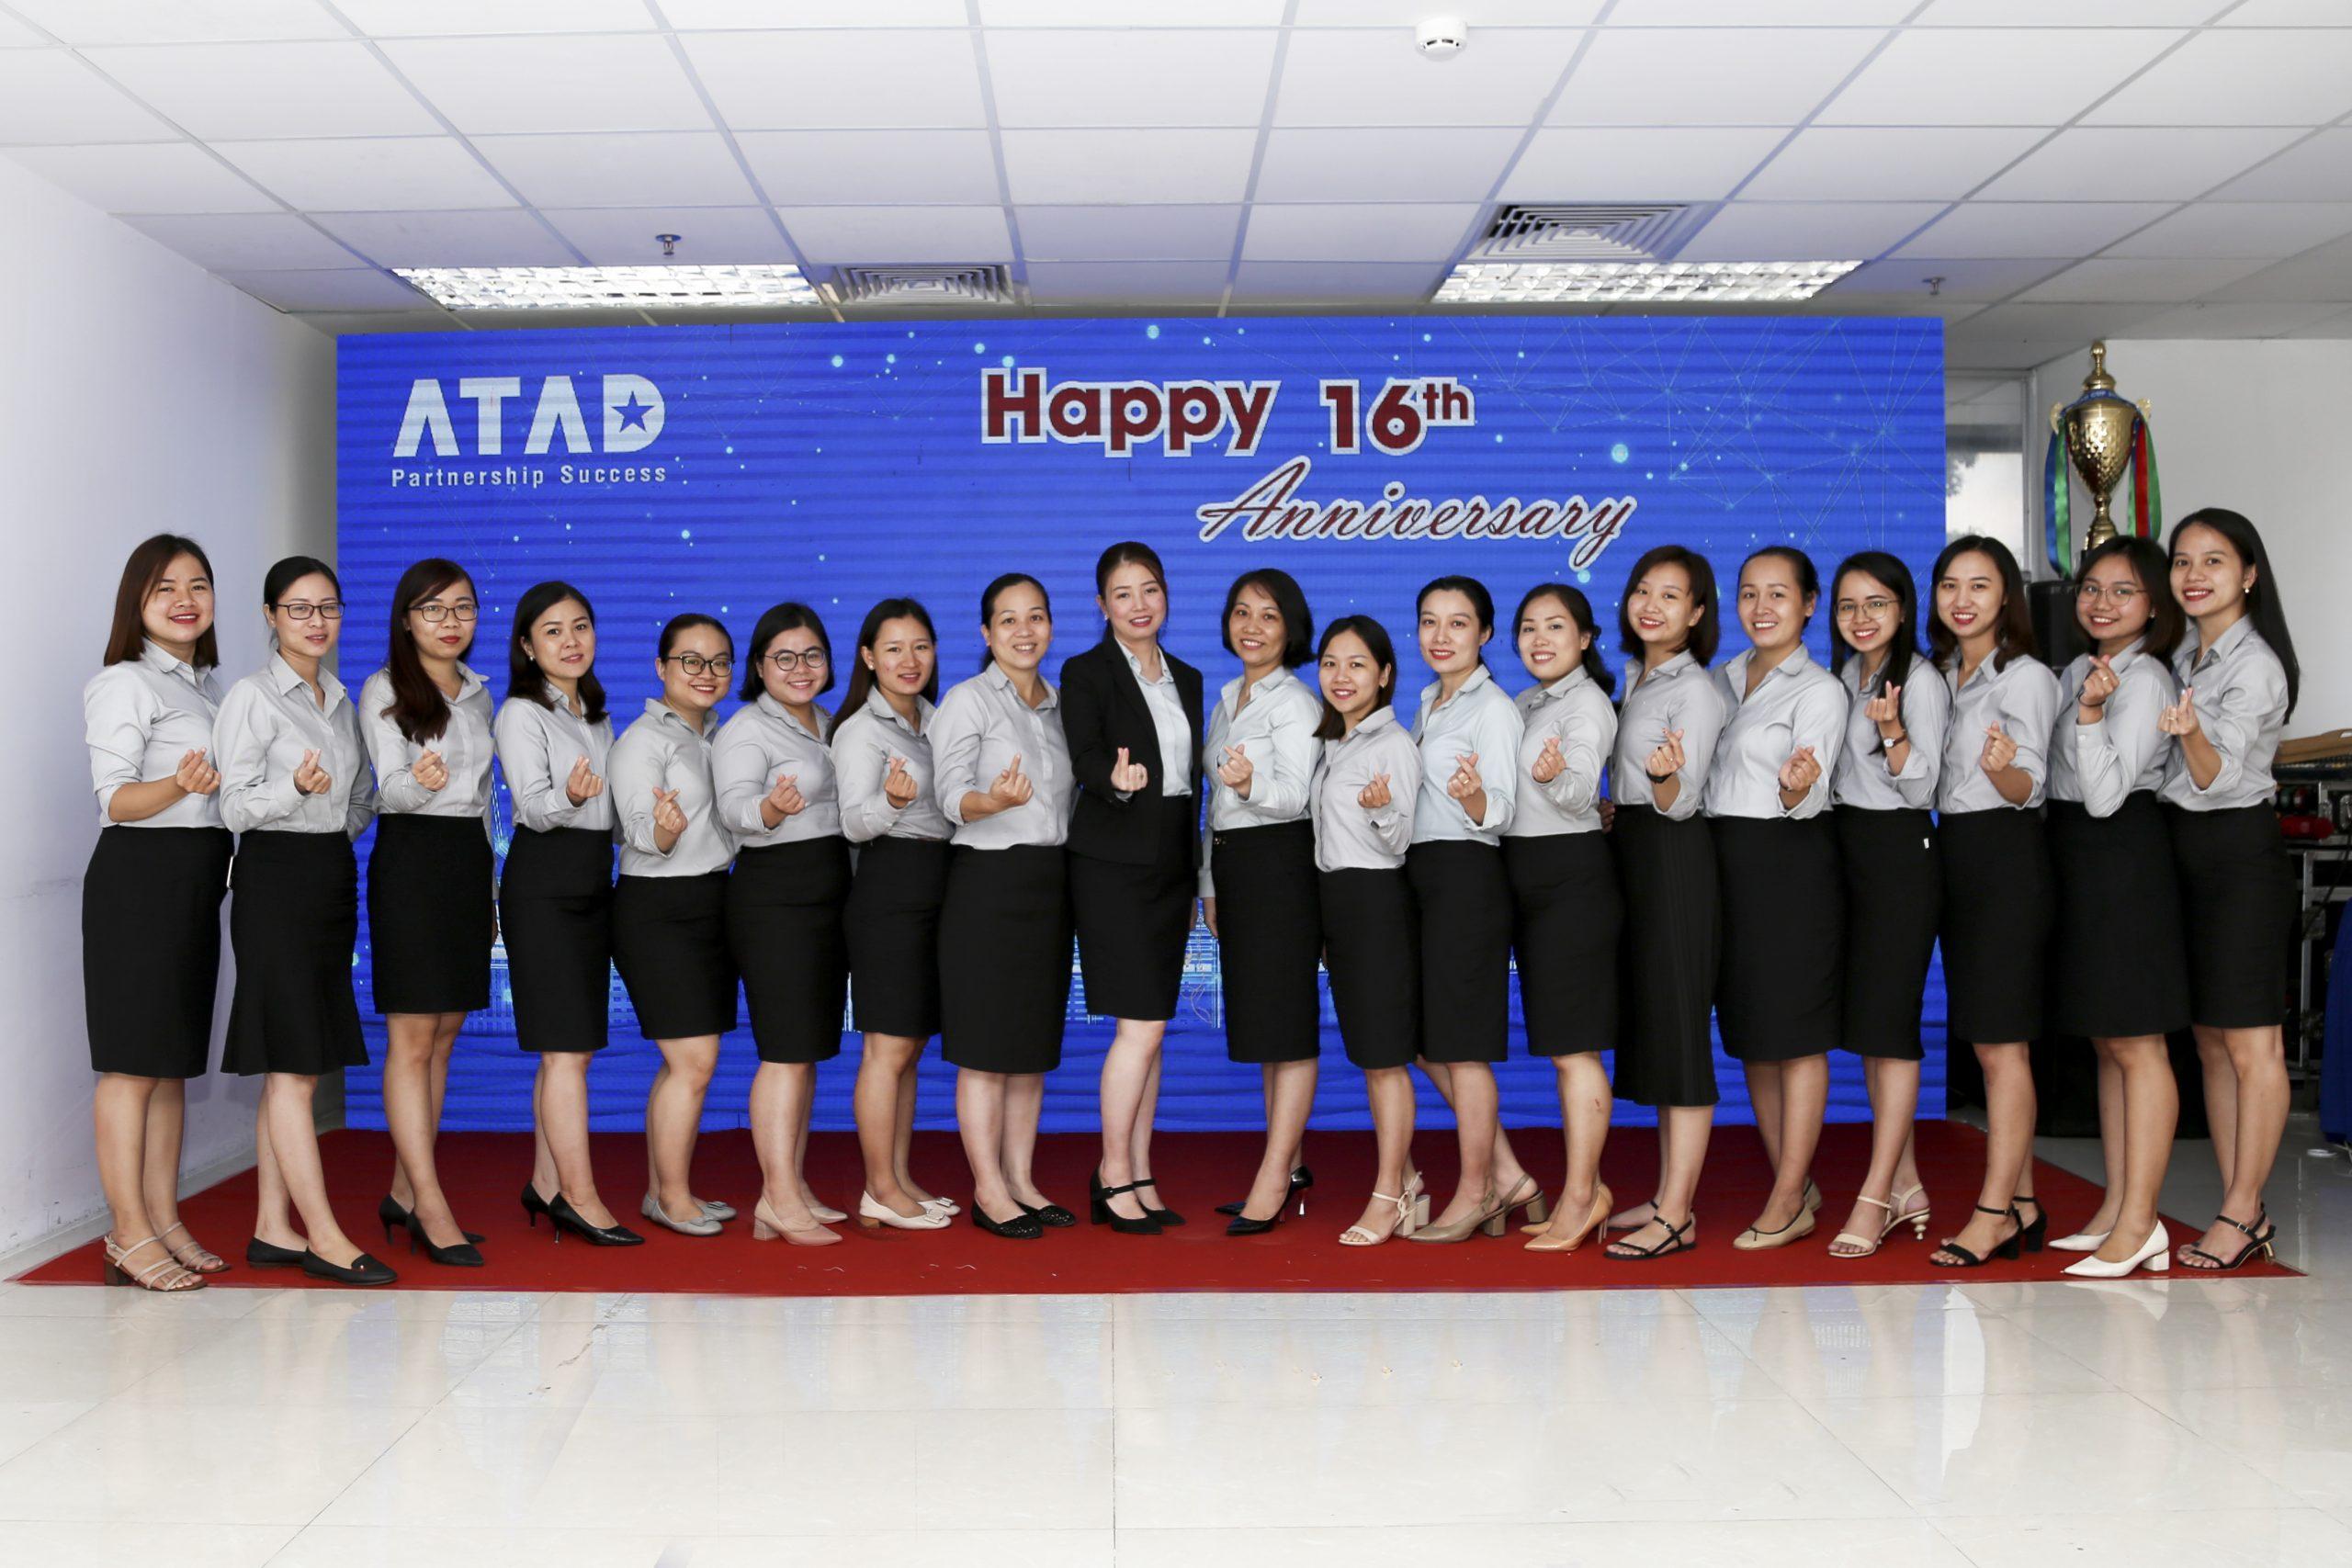 Happy ATAD 16th anniversary